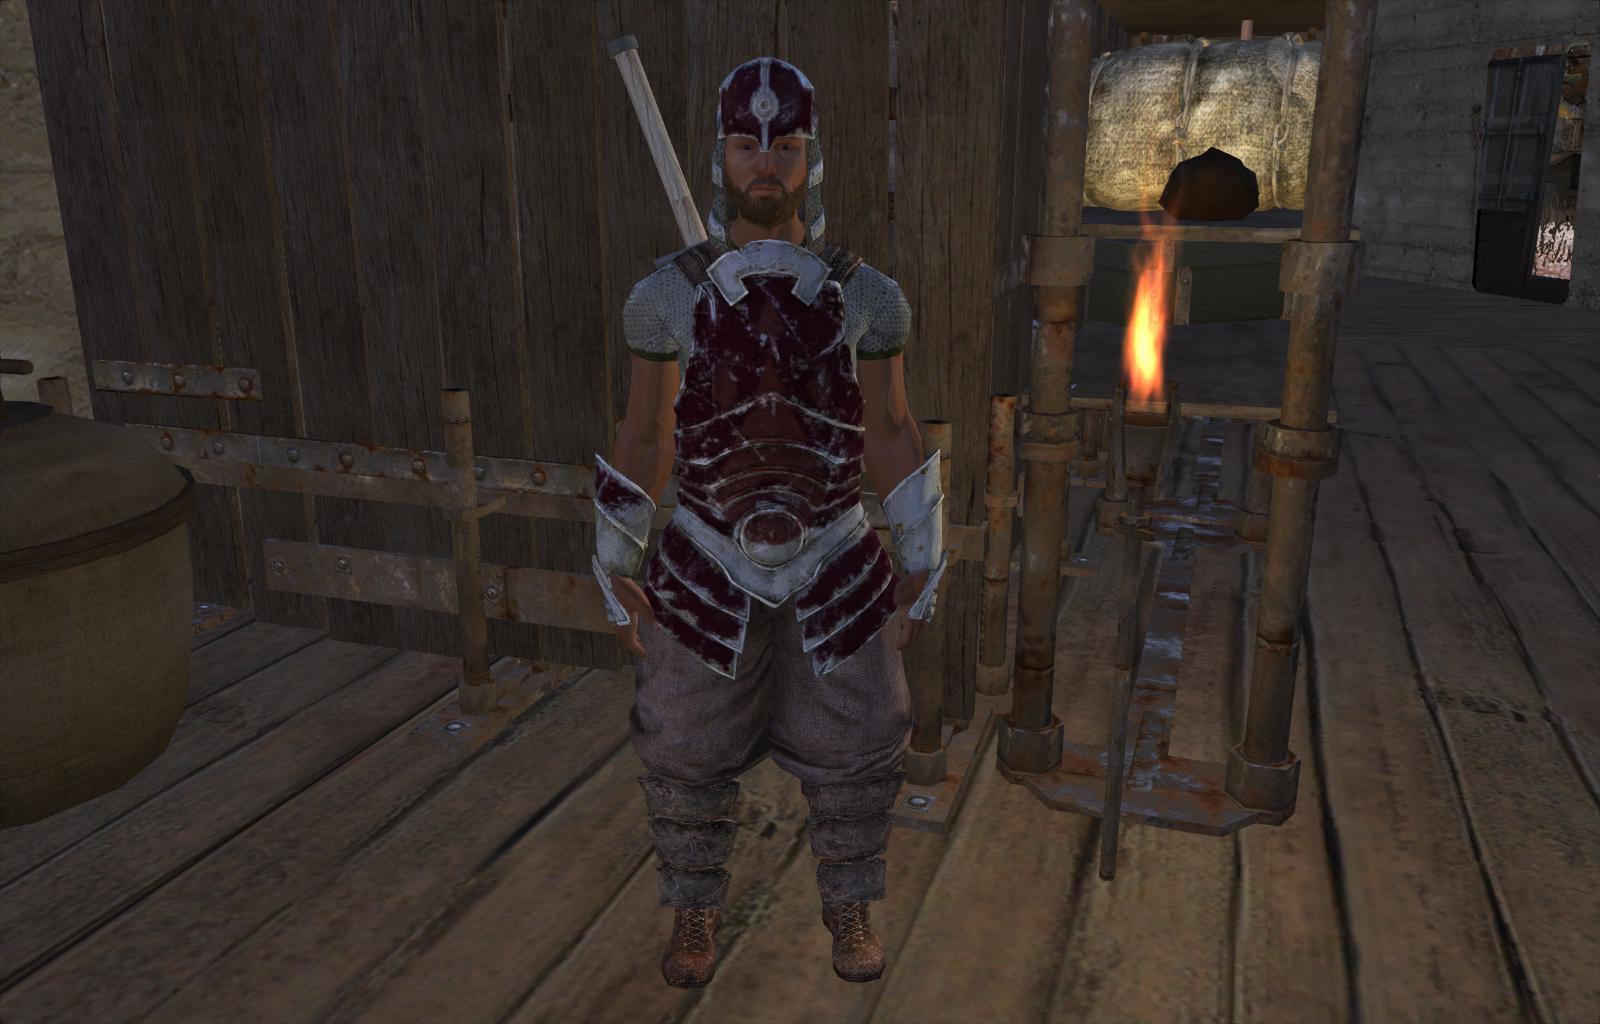 High Inquisitor Valtena